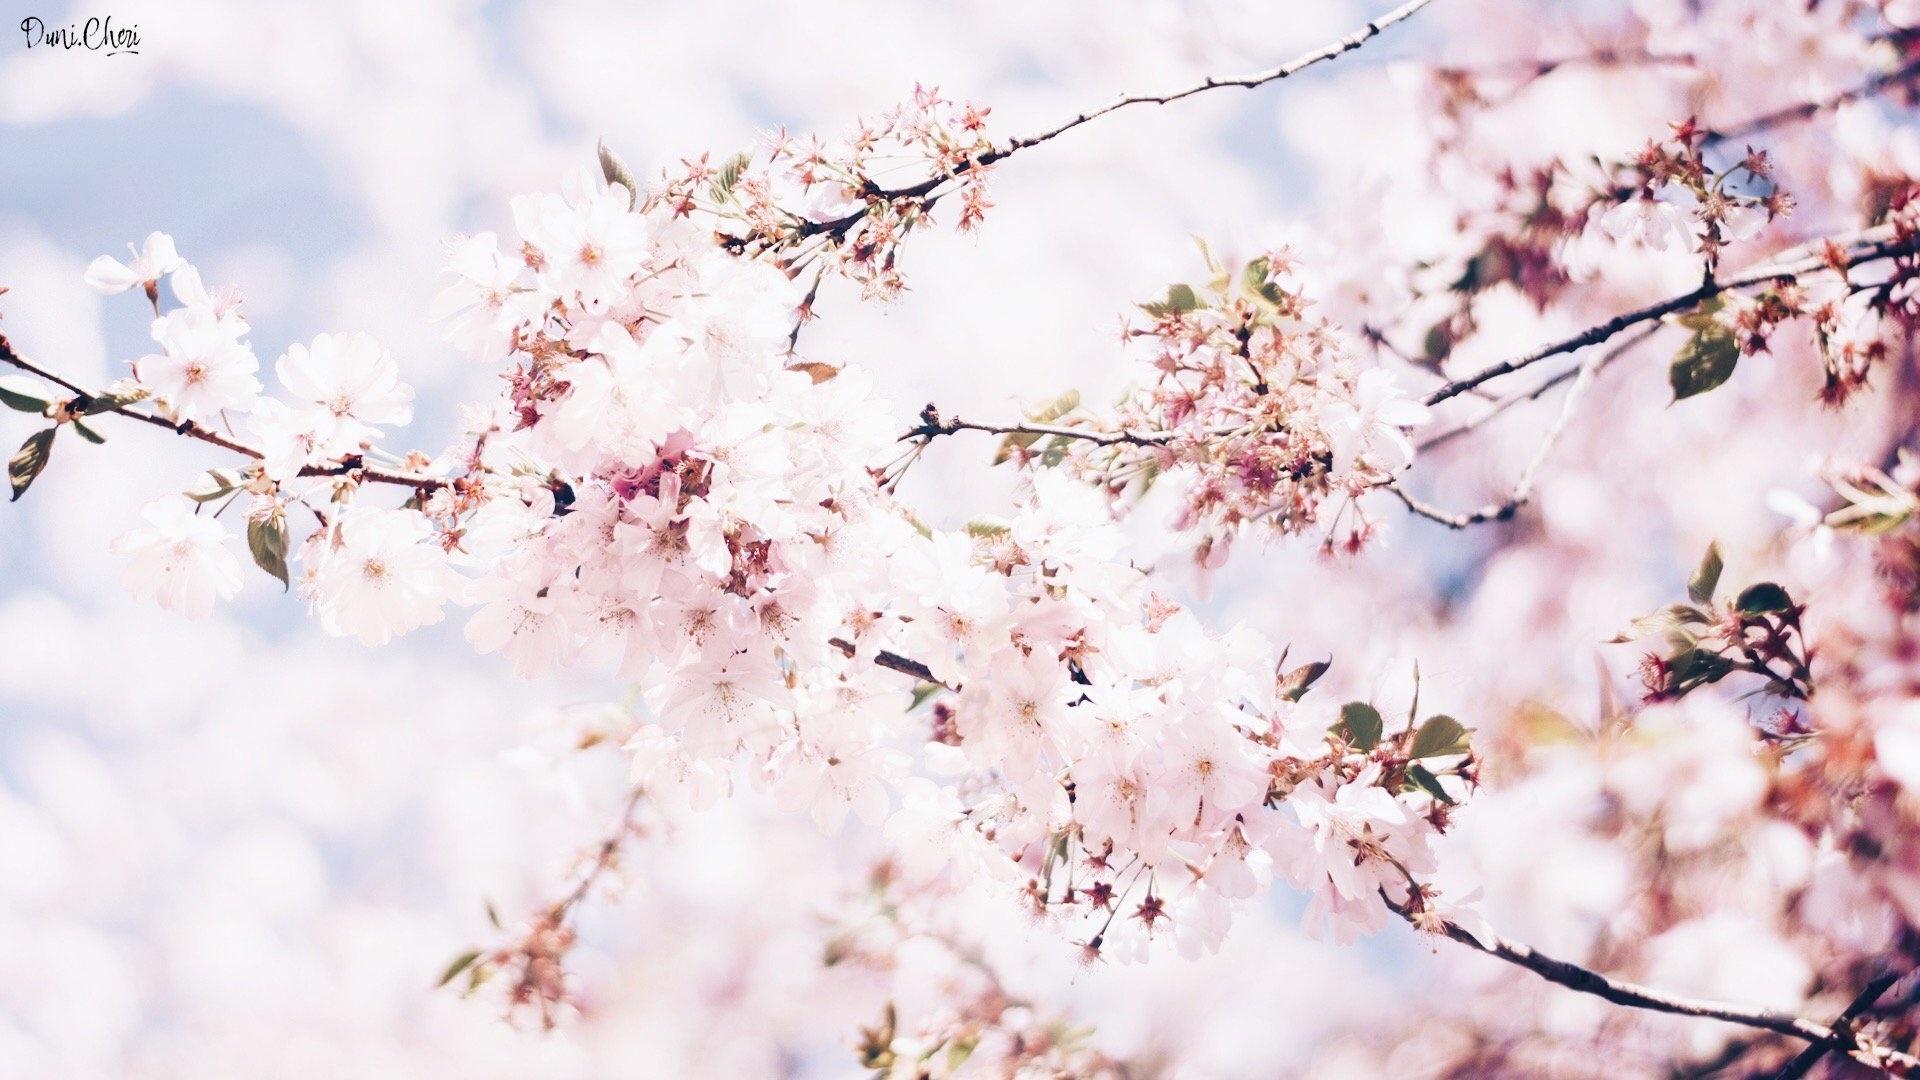 Sakura Blossom wallpaper for pc